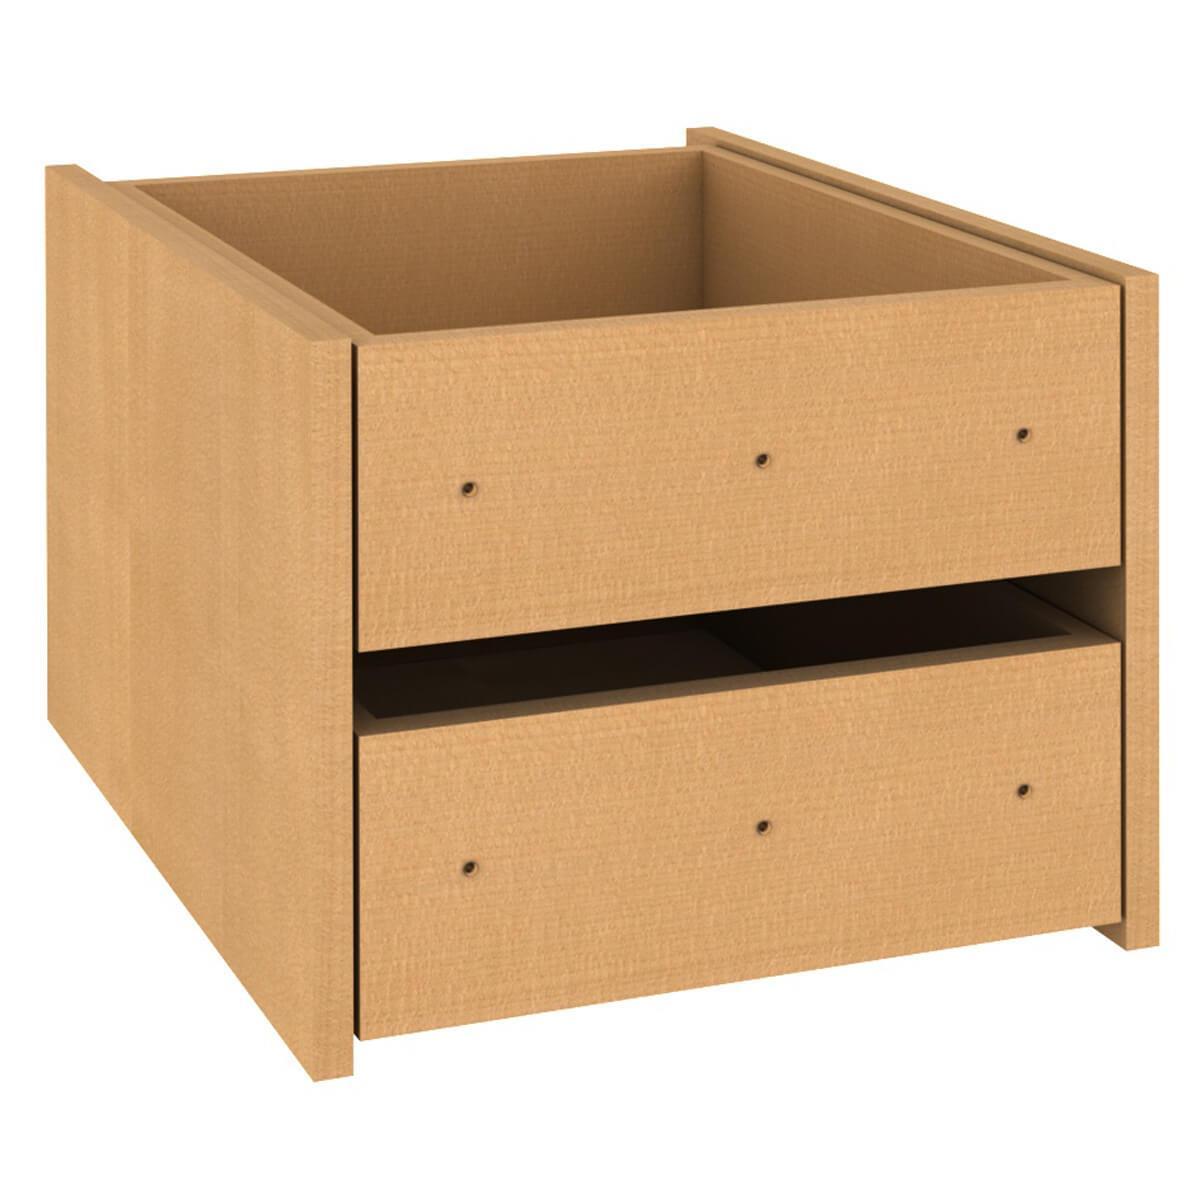 Kleiderschrank-Schubladen 2er-Set  Einbau-Schubkasten DESTYLE Debreuyn Buchenfurnierte Spanplatte natur-geölt